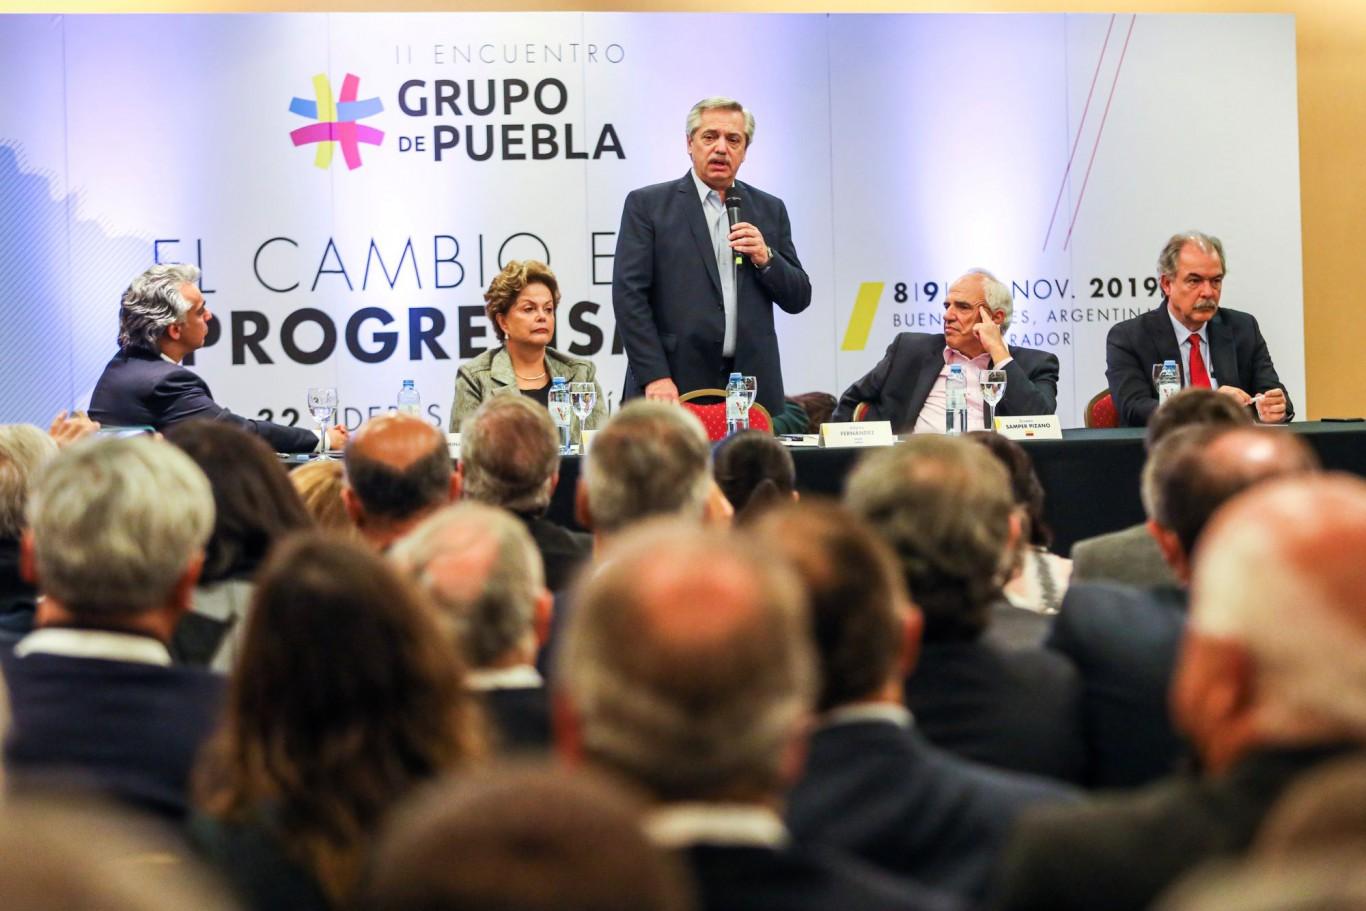 Alberto Fernández participará del aniversario del Grupo Puebla